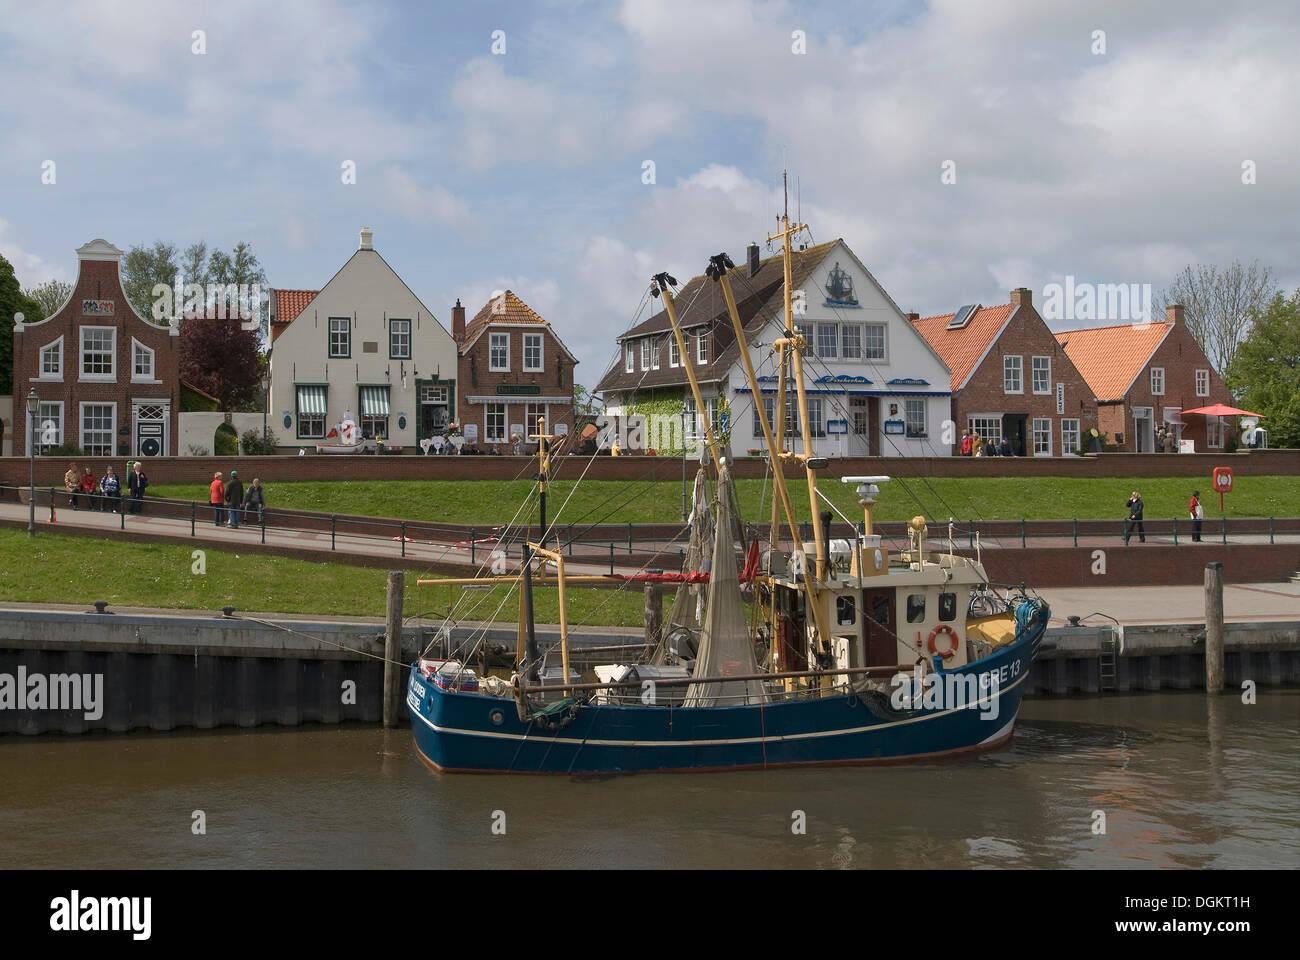 Bateaux de crevettes dans le port de Greetsiel en face de l'ancienne digue, Krummhoern, Frise orientale, Basse-Saxe Photo Stock